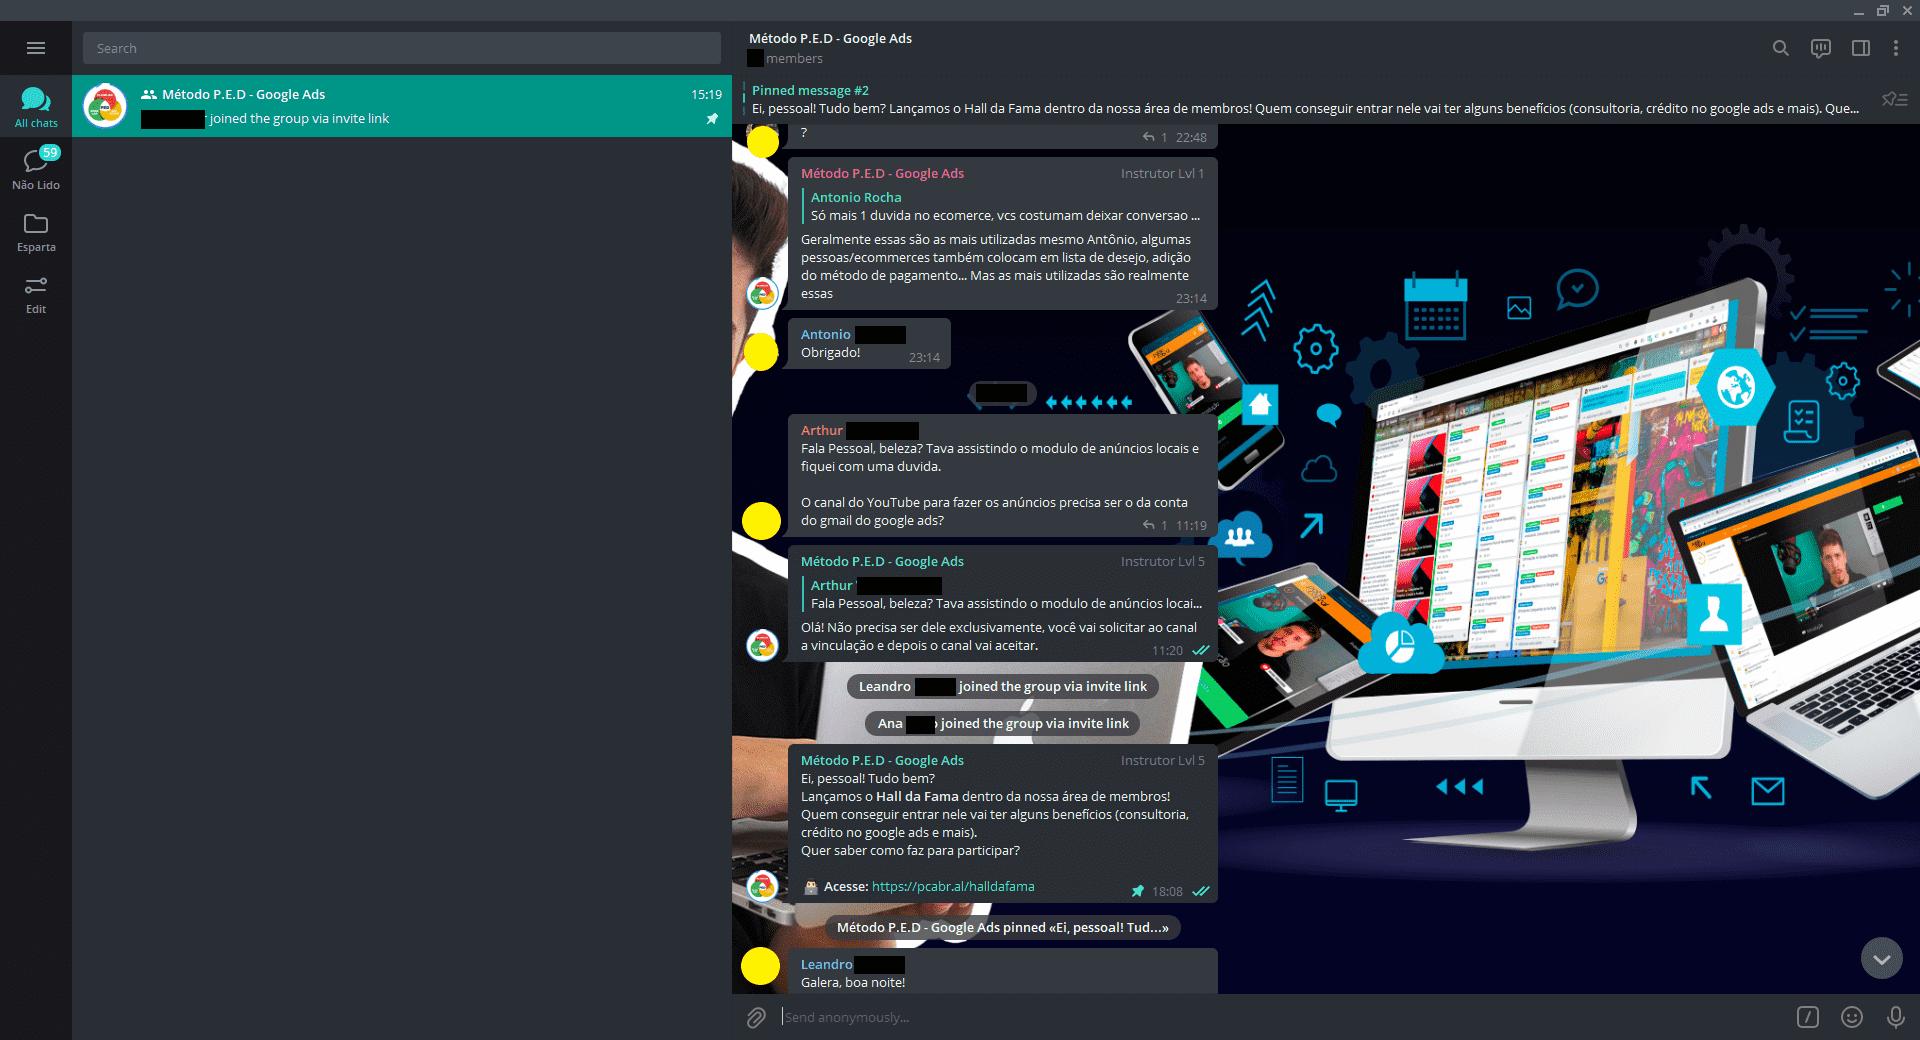 Acesse a nossa comunidade no Telegram e tenha suporte com a equipe!